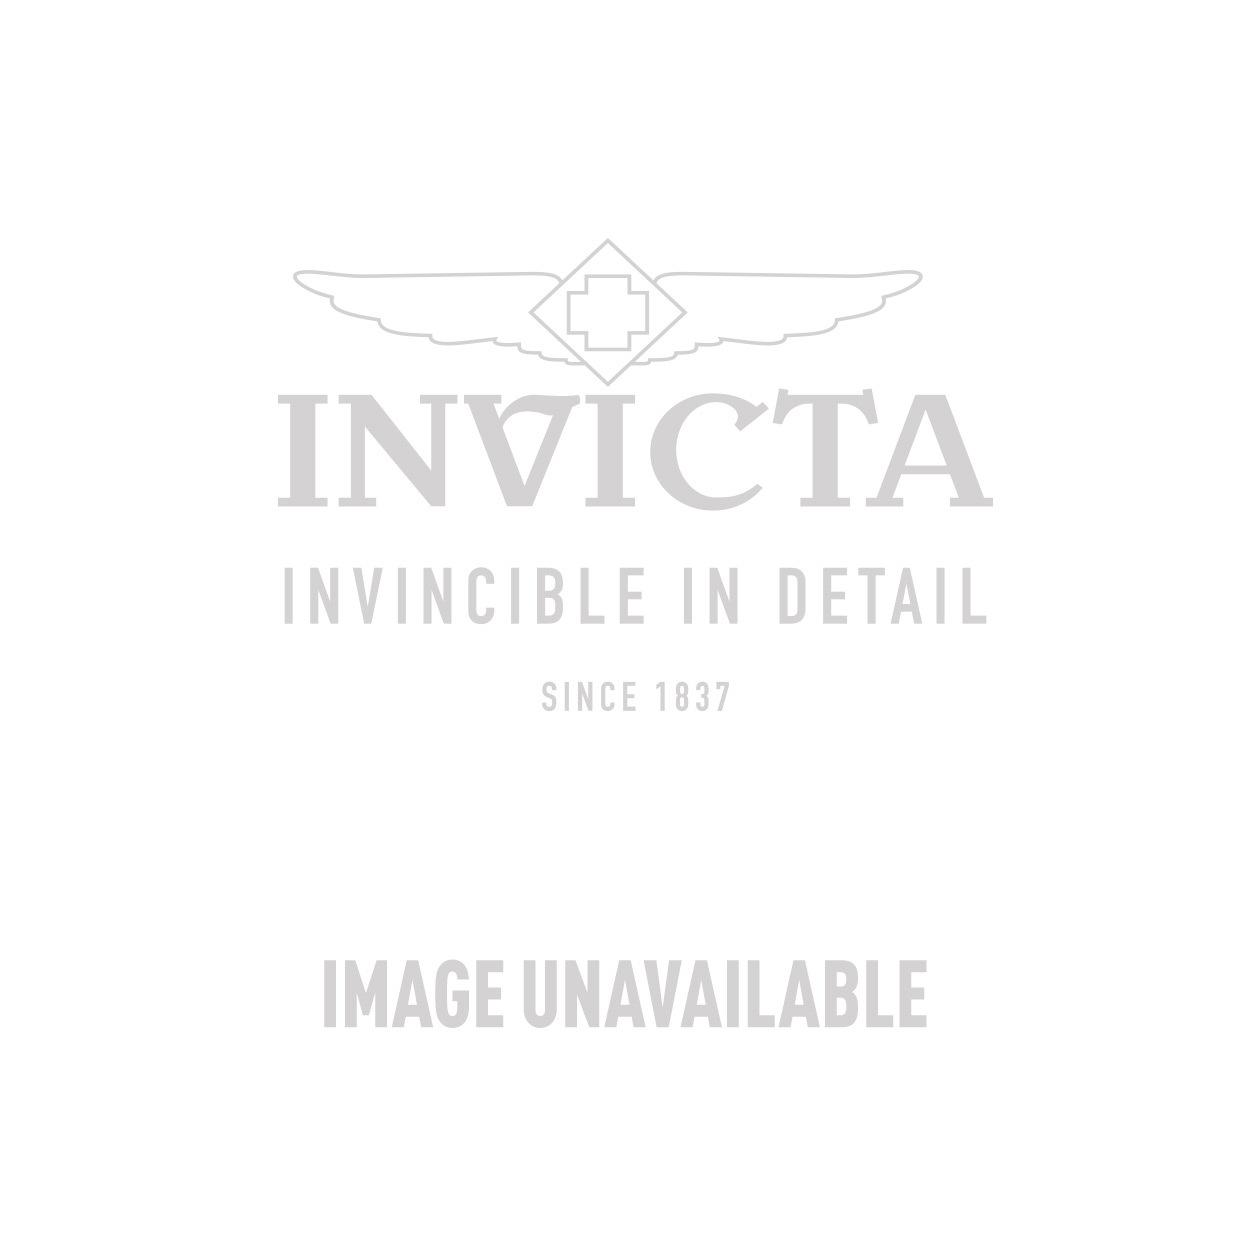 Invicta Model 27373